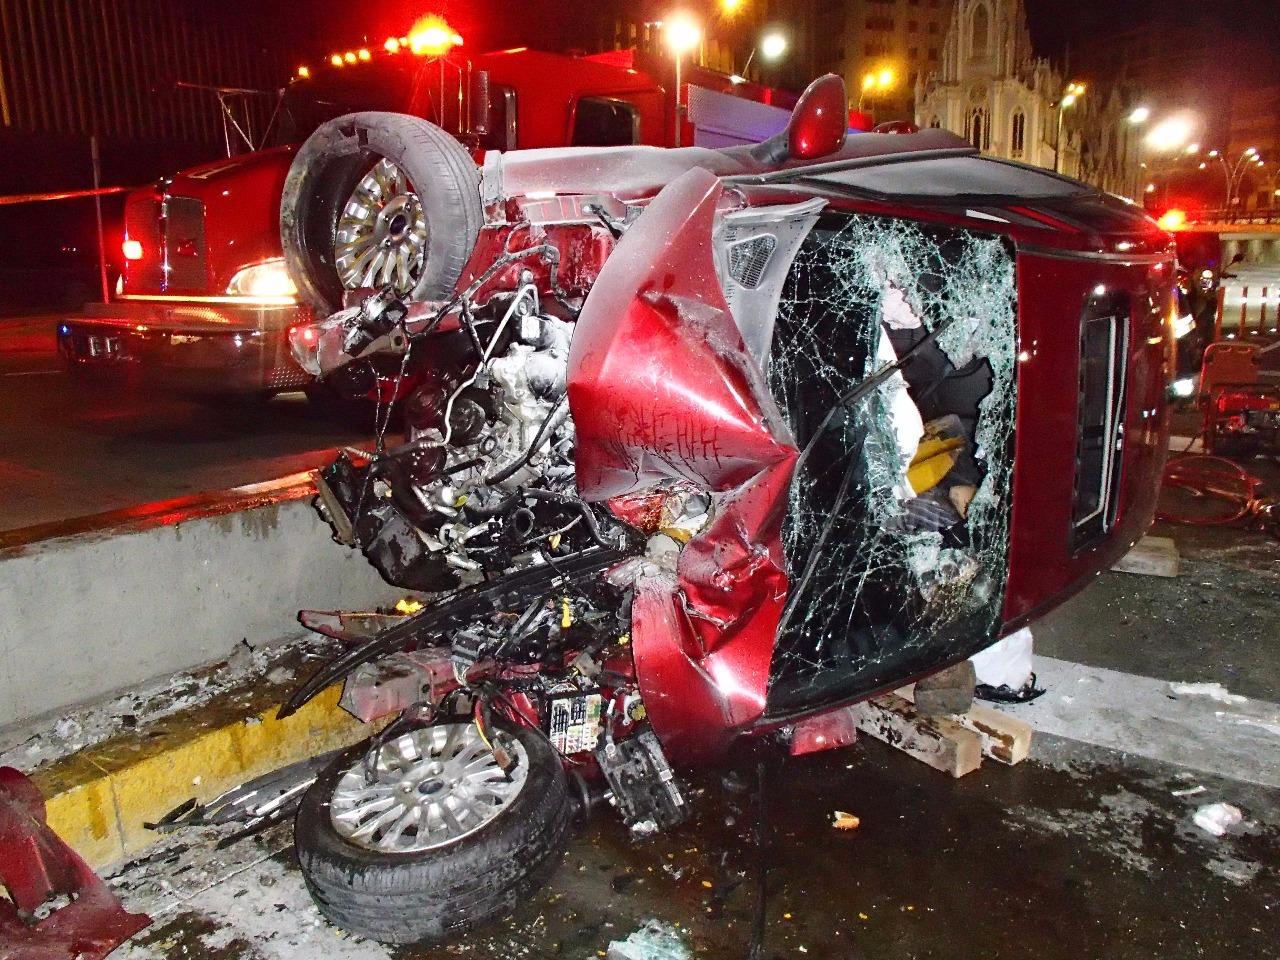 Un muerto y un herido dejó aparatoso accidente vehícular